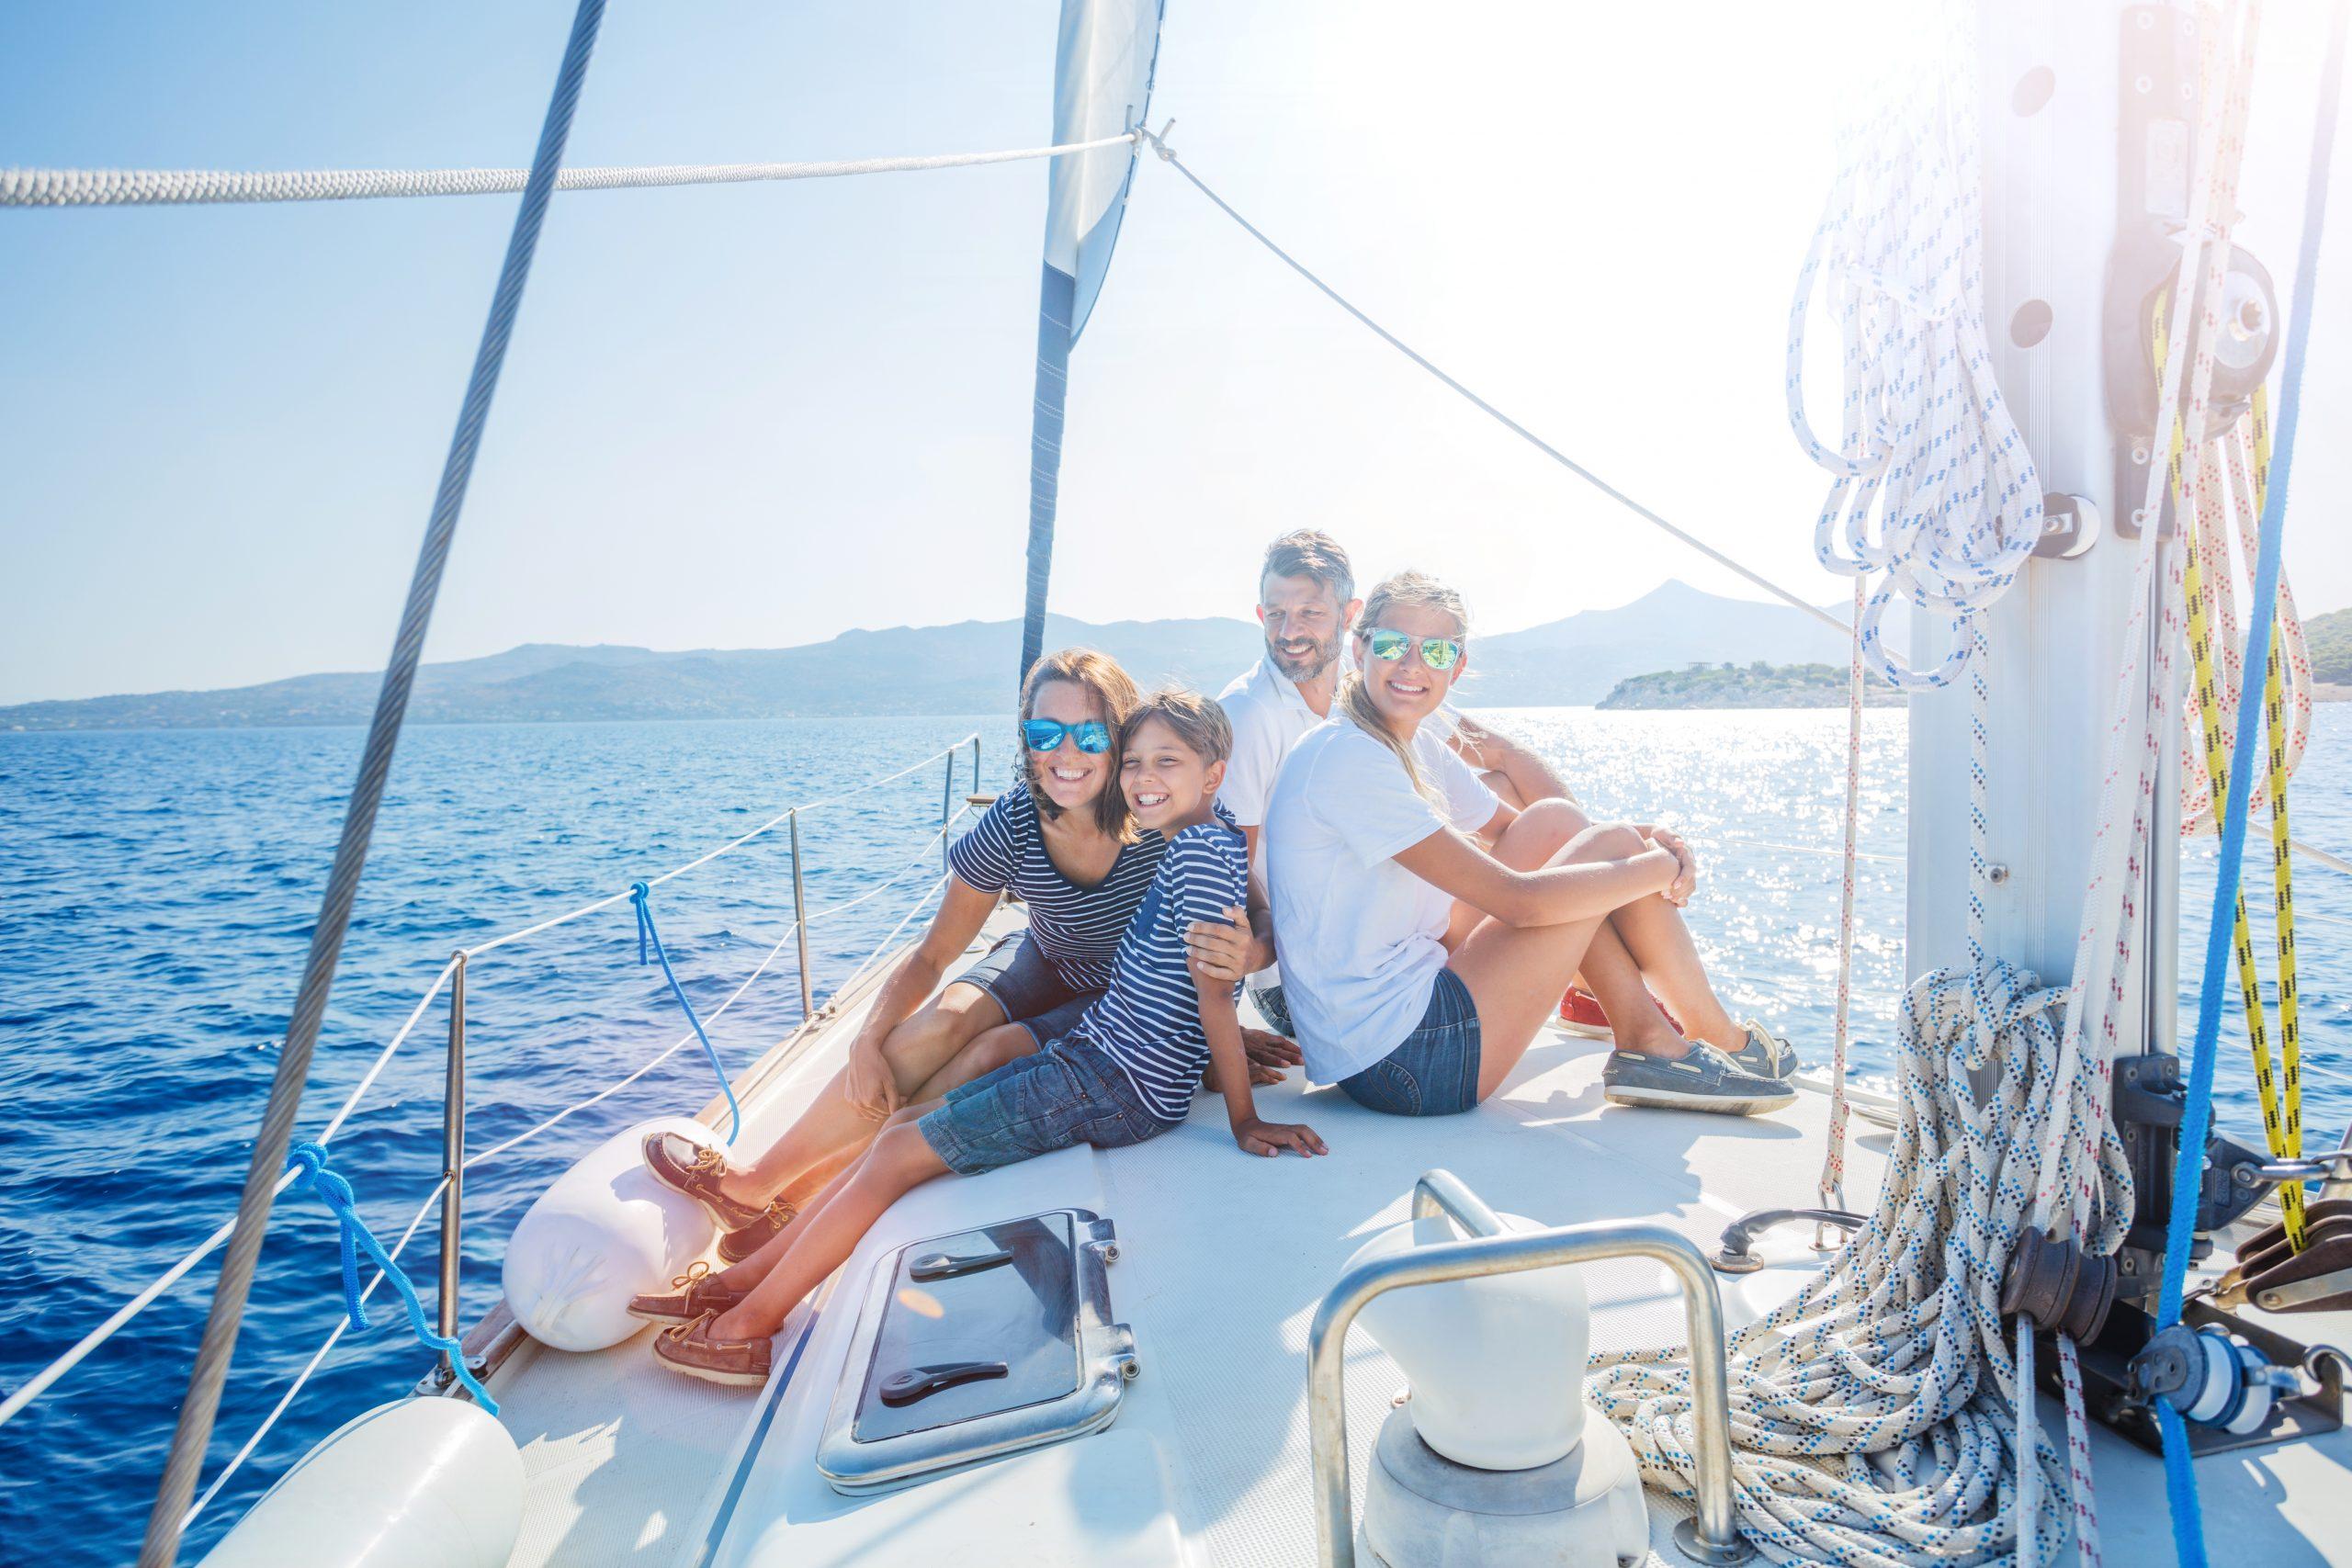 Charter Valencia/Ibiza en familia Vacaciones en velero familiar por Formentera Vacaciones en familia por la costa blanca